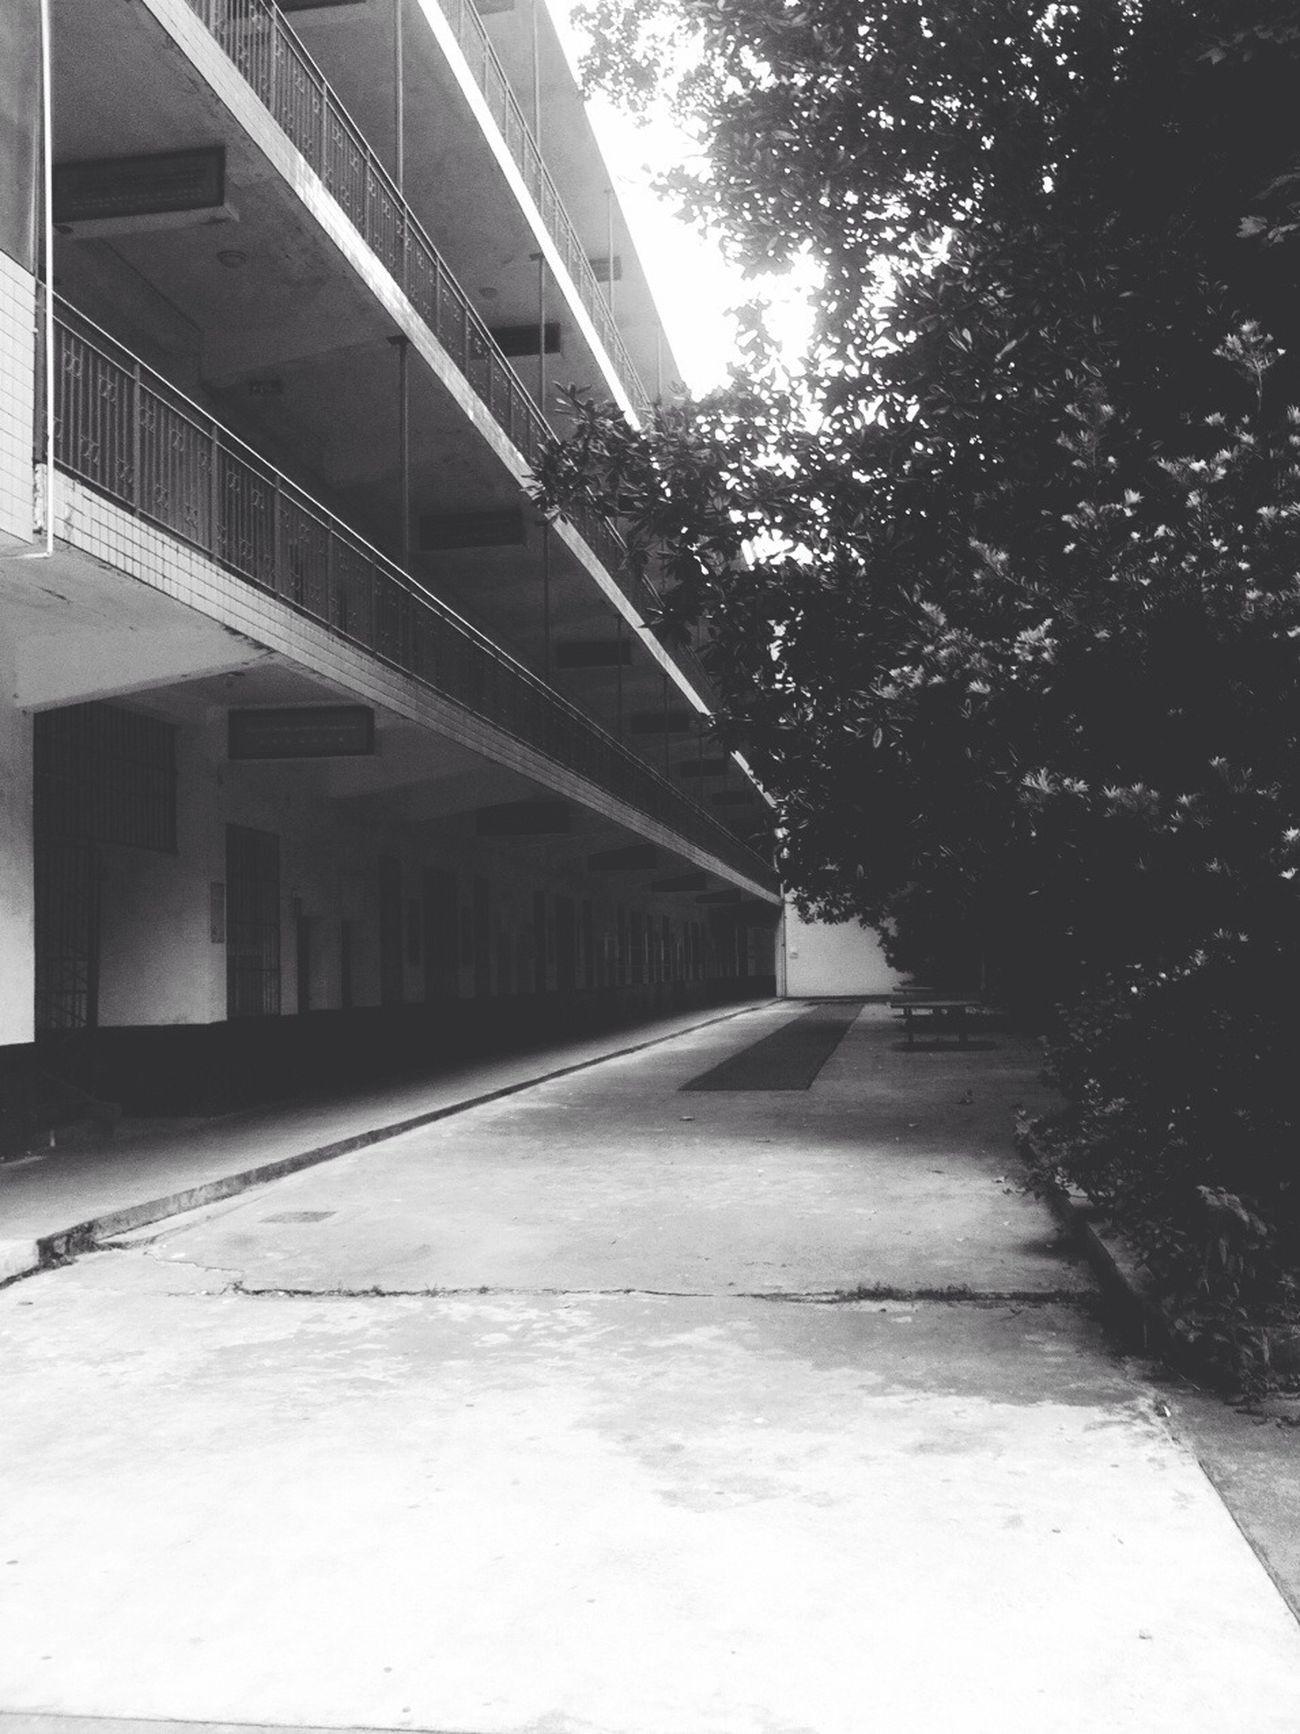 曾经的教学楼,那个有点拥挤的楼梯… Schol